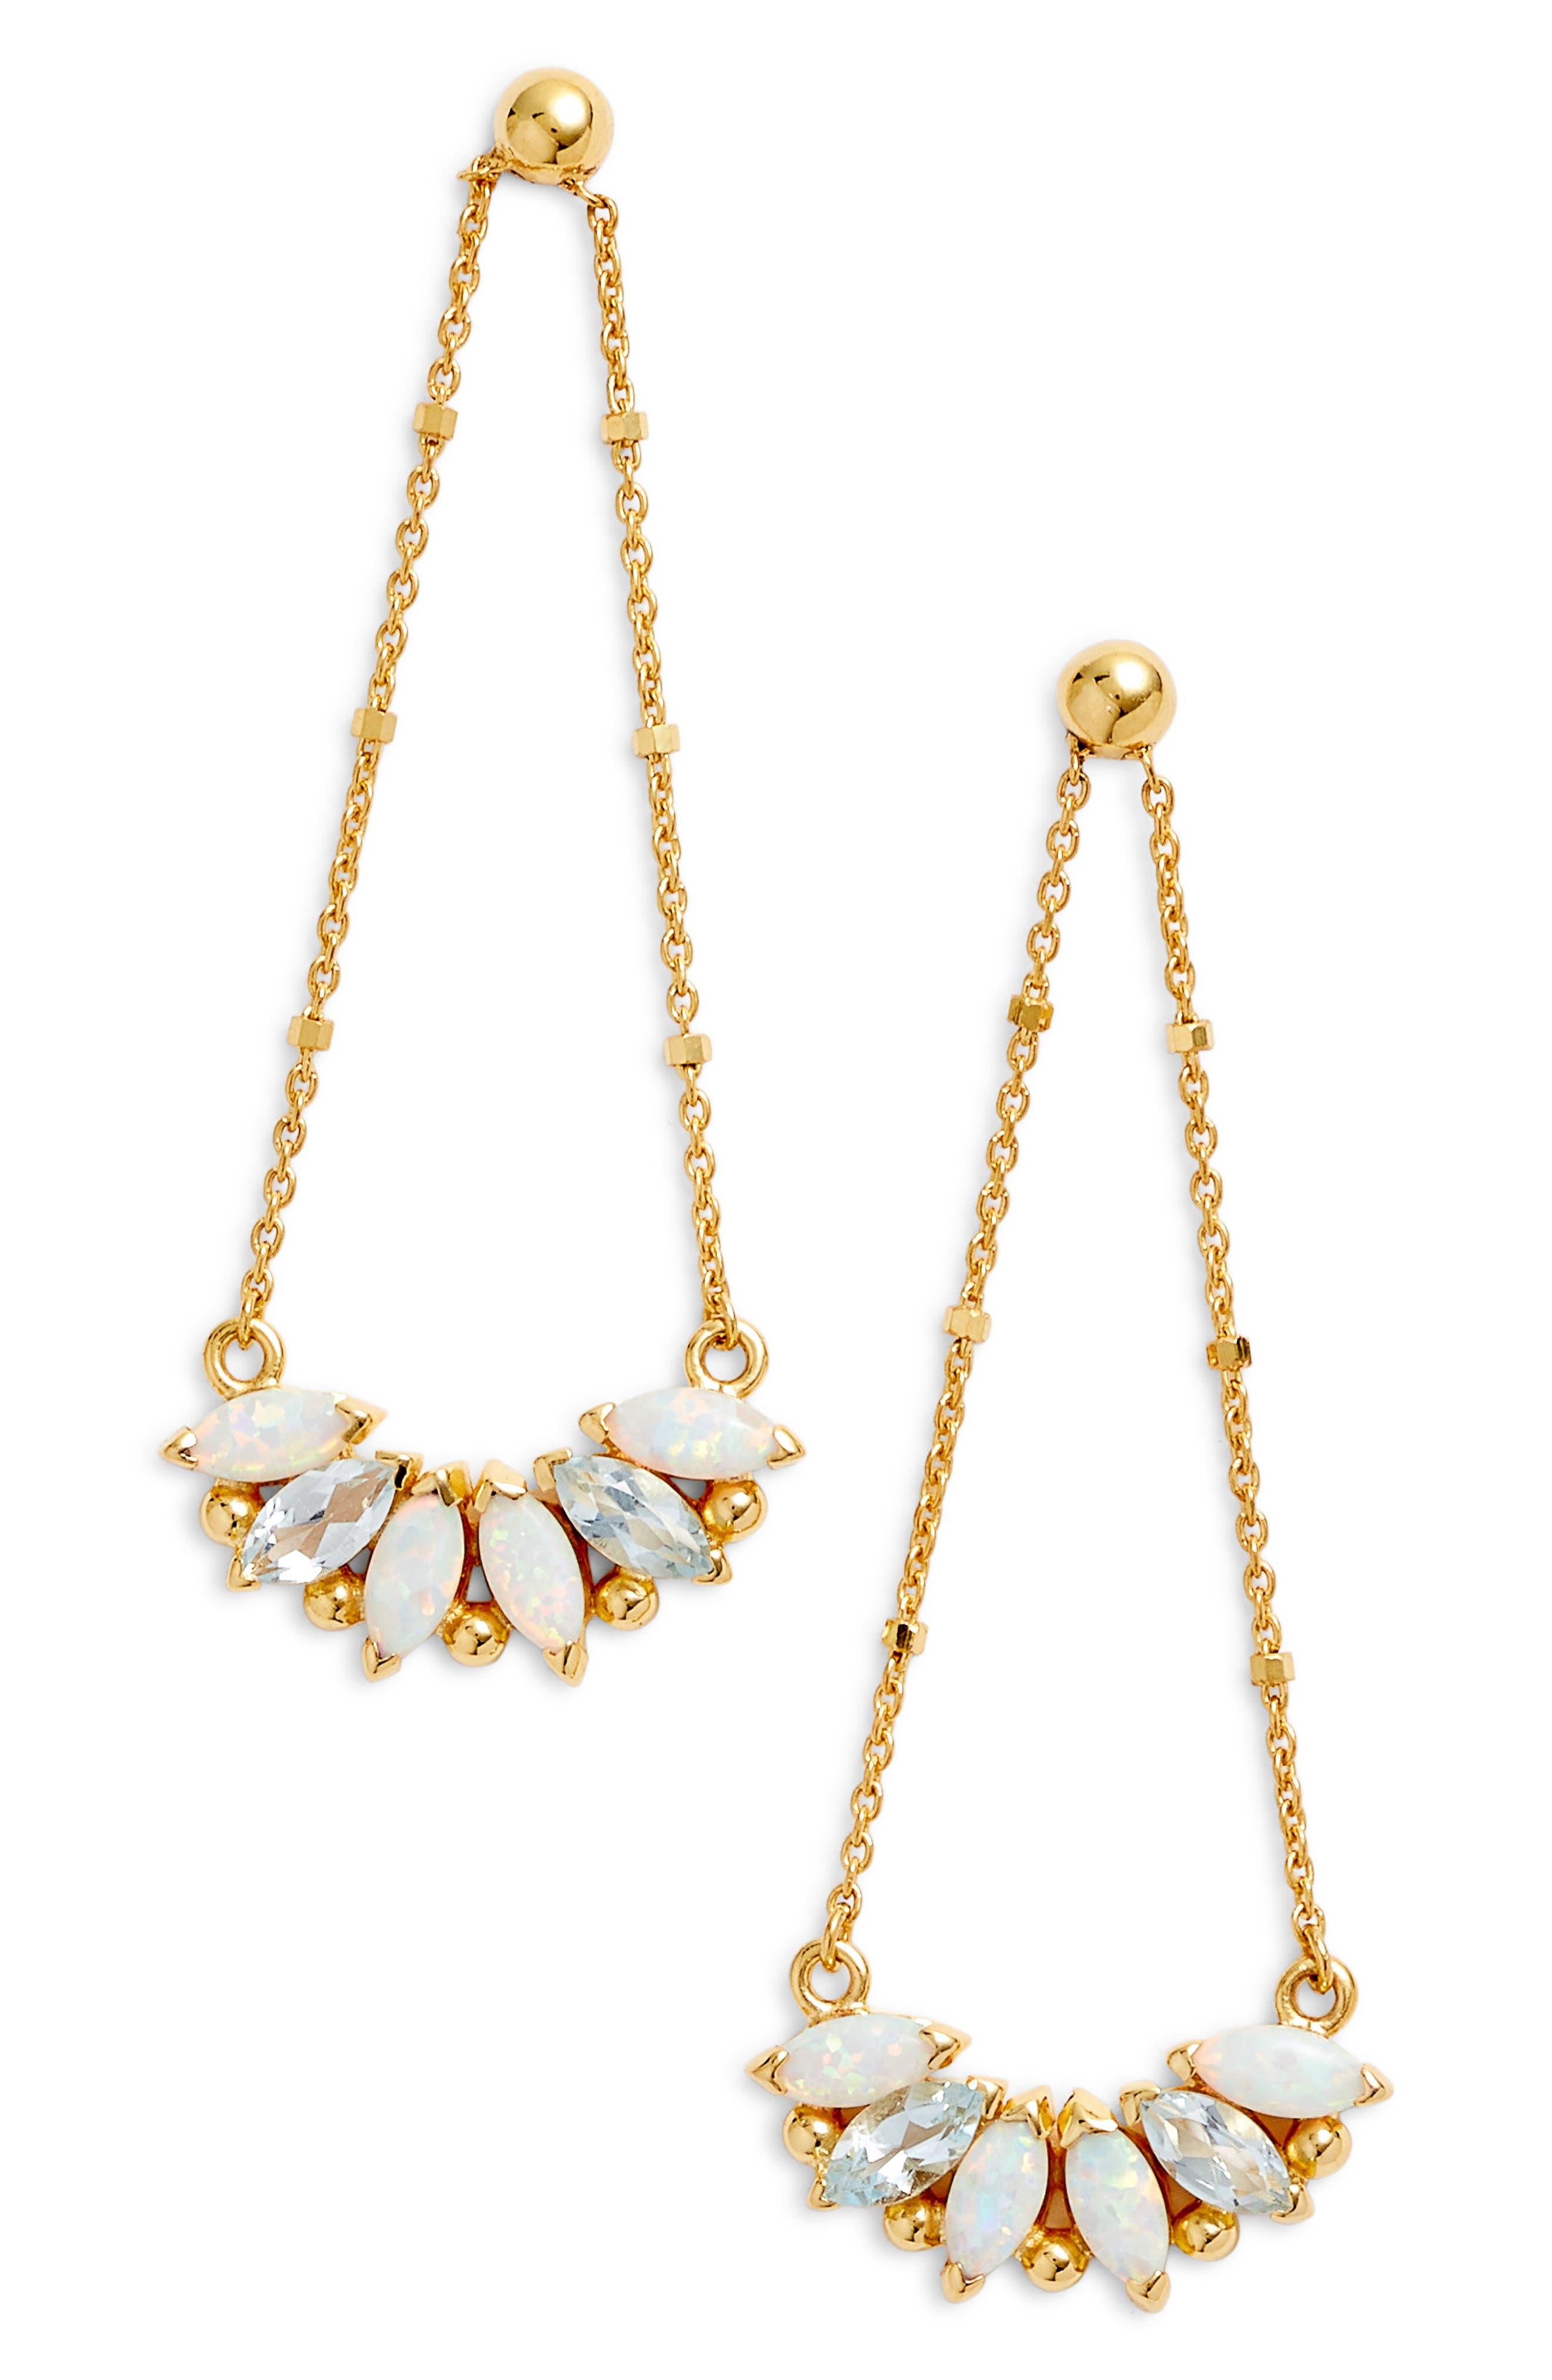 Sydney Multi-Stone Chandelier Earrings,                         Main,                         color, Gold